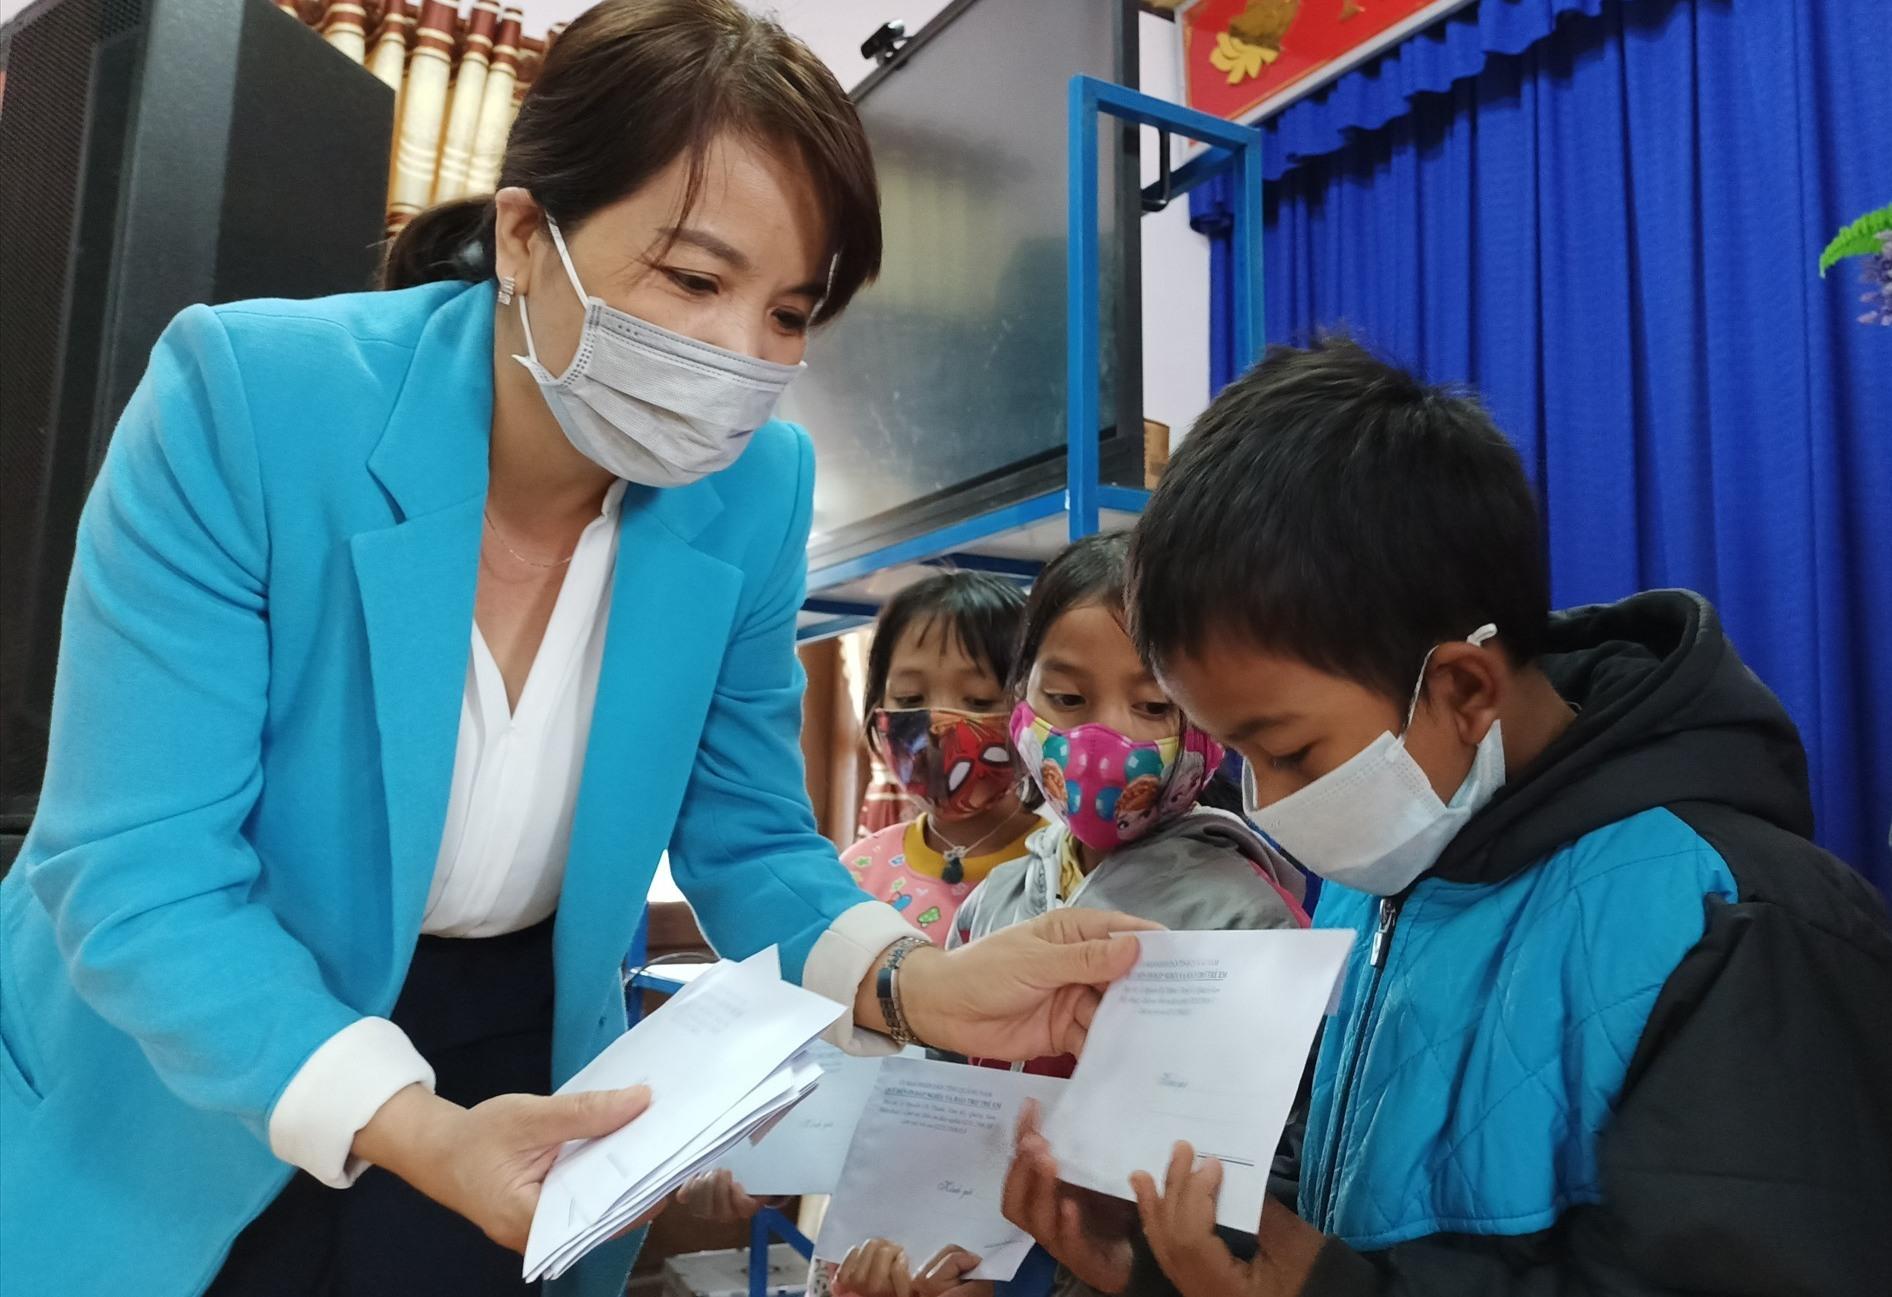 """Bà Lưu Thị Bích Ngọc, Phó Giám đốc Sở LĐ-TB và XH tỉnh trao """"học bổng"""" cho các em. Ảnh: ĐH"""